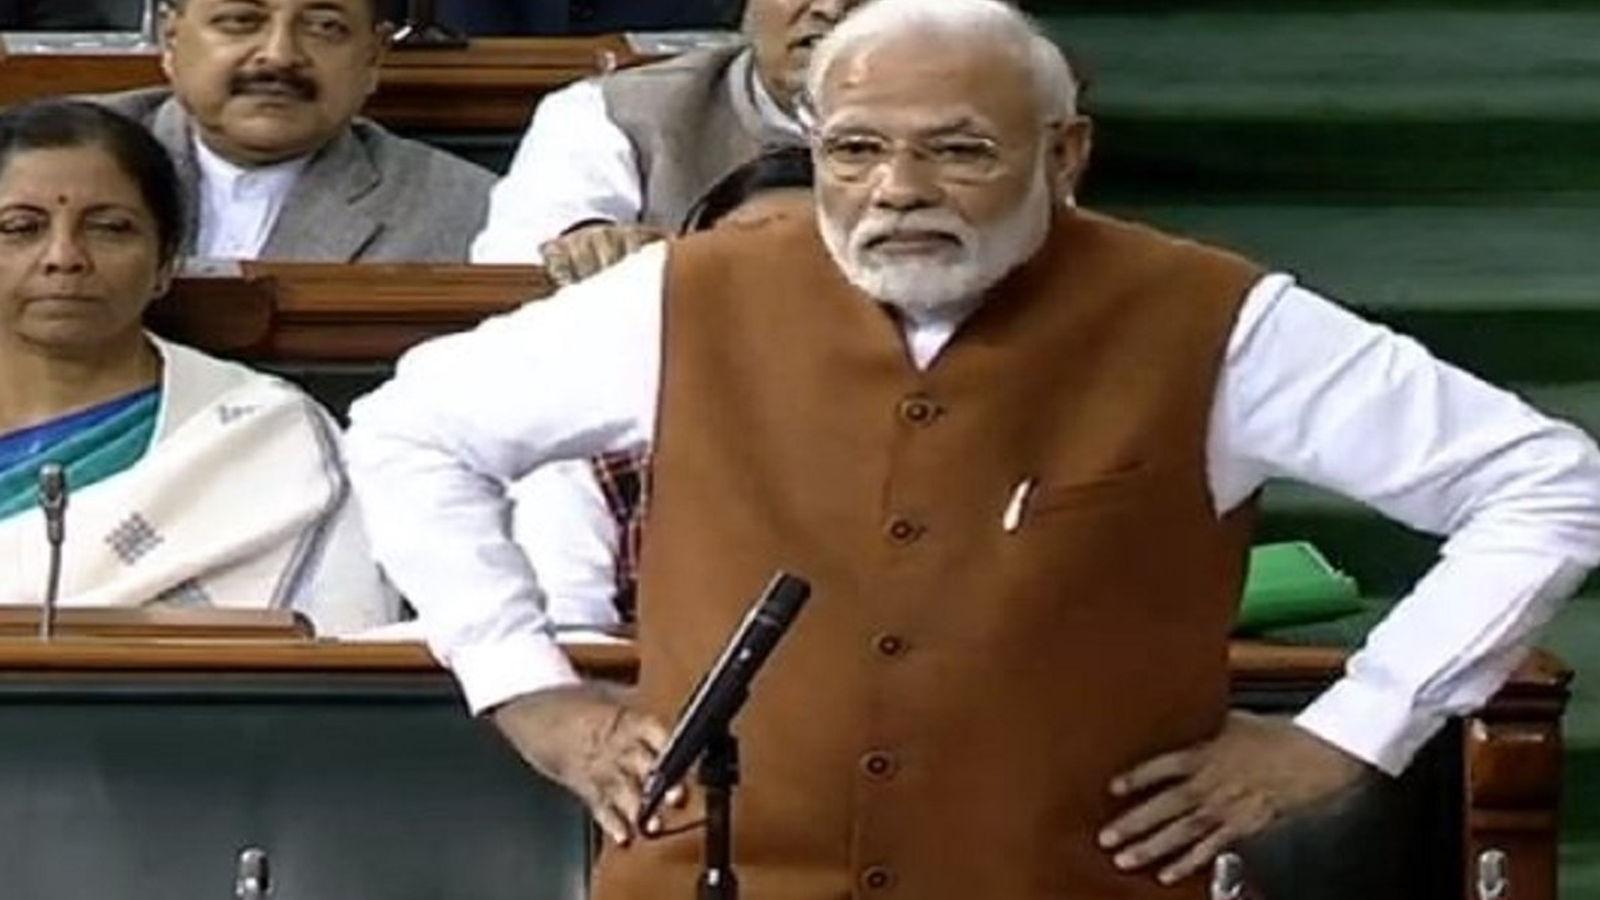 Social media PM Modi